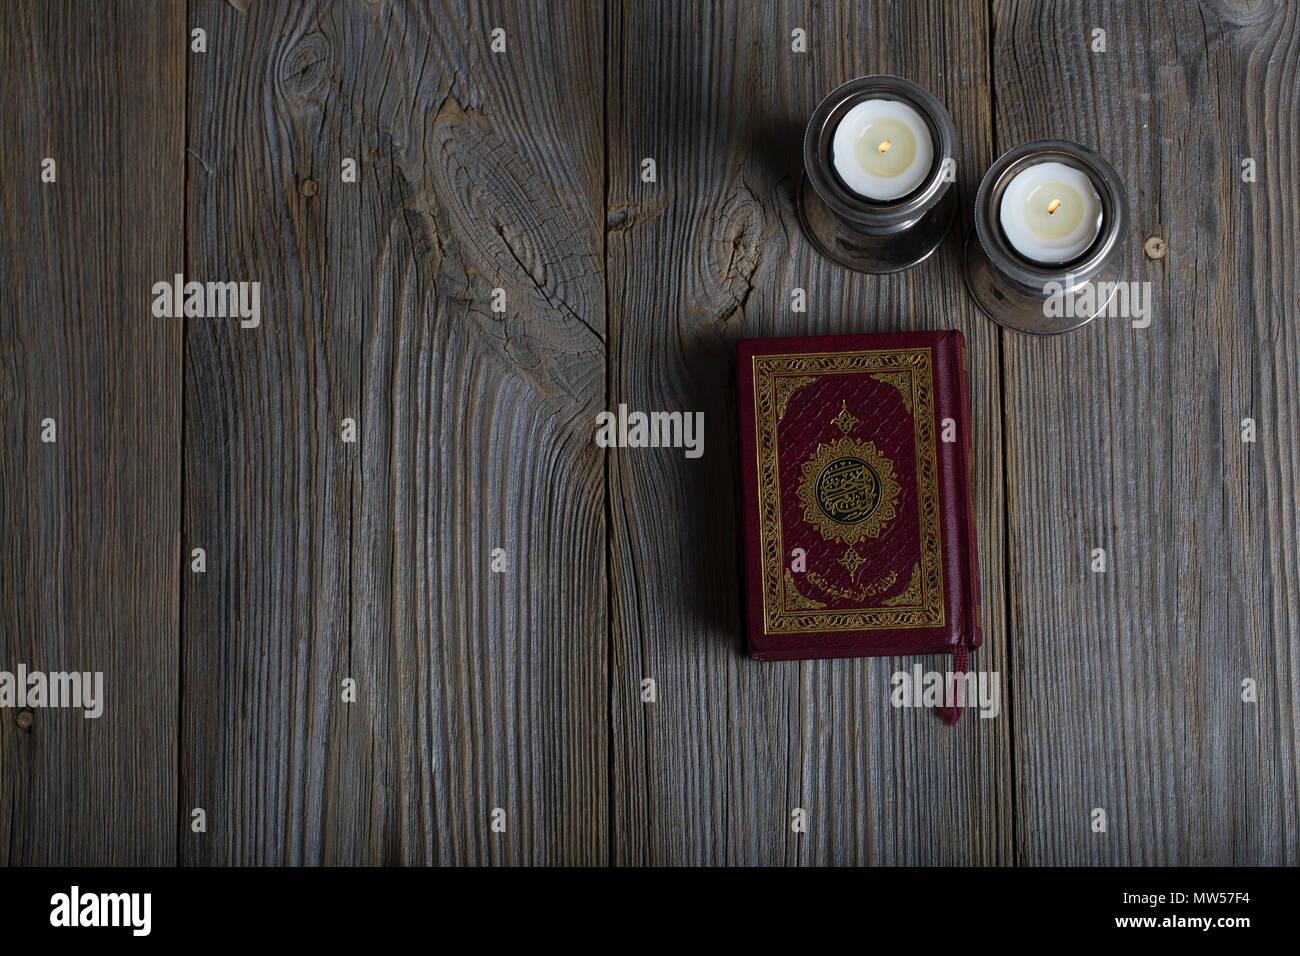 La Credenza Traduzione In Inglese : Corano e candele su una superficie di legno traduzione in inglese